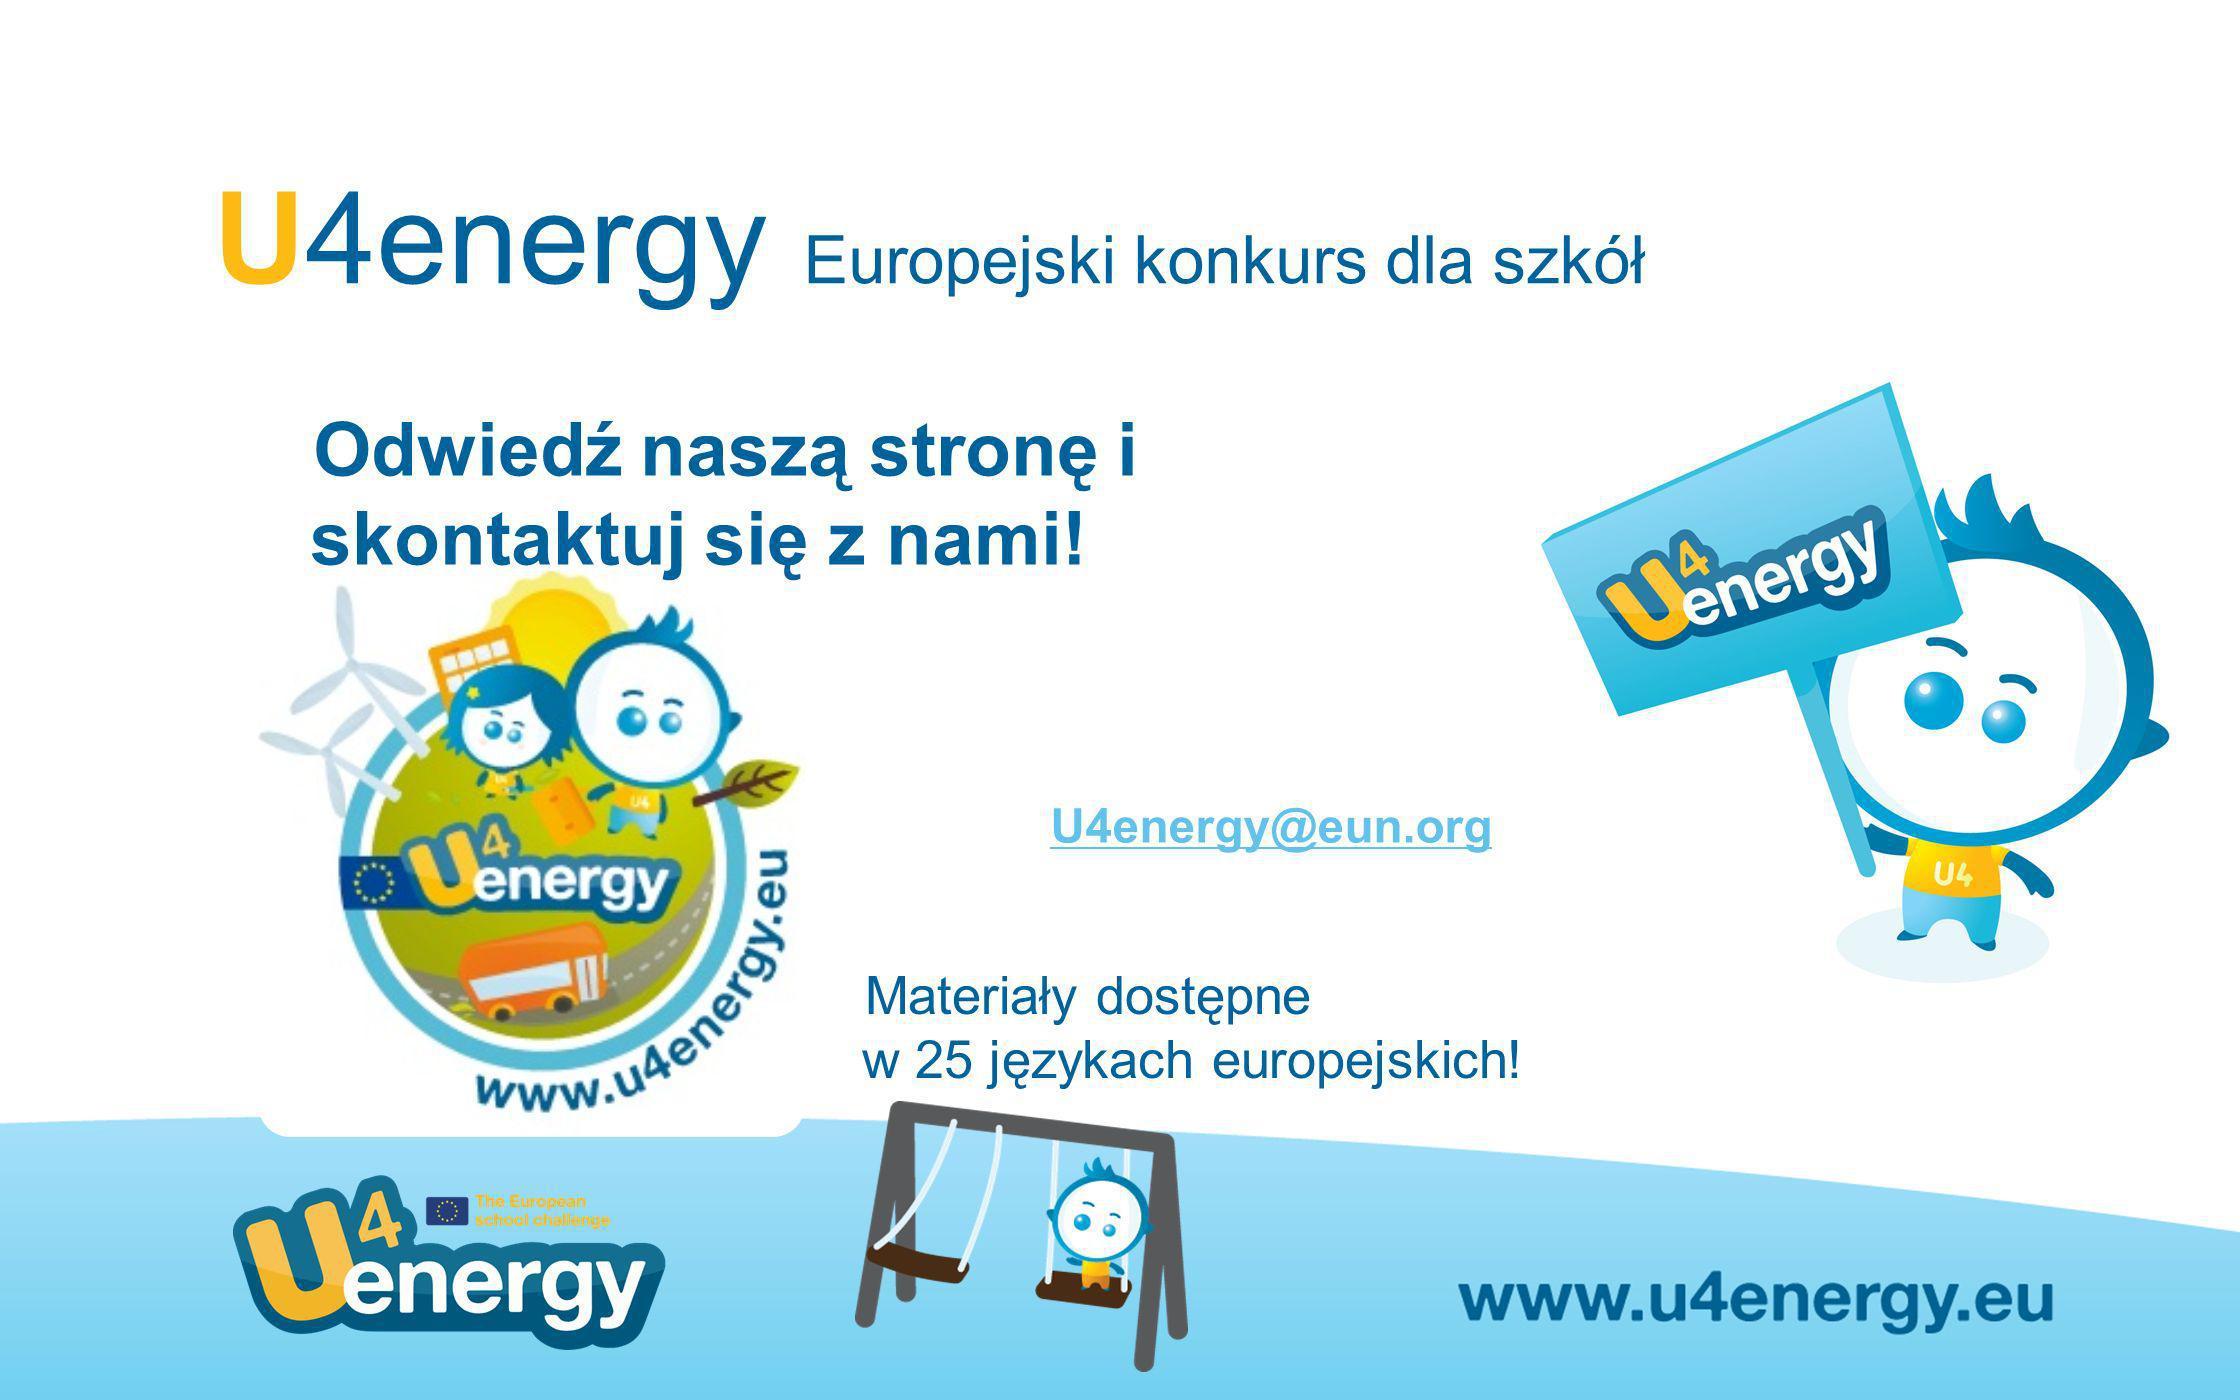 U4energy Europejski konkurs dla szkół Odwiedź naszą stronę i skontaktuj się z nami! Materiały dostępne w 25 językach europejskich! U4energy@eun.org